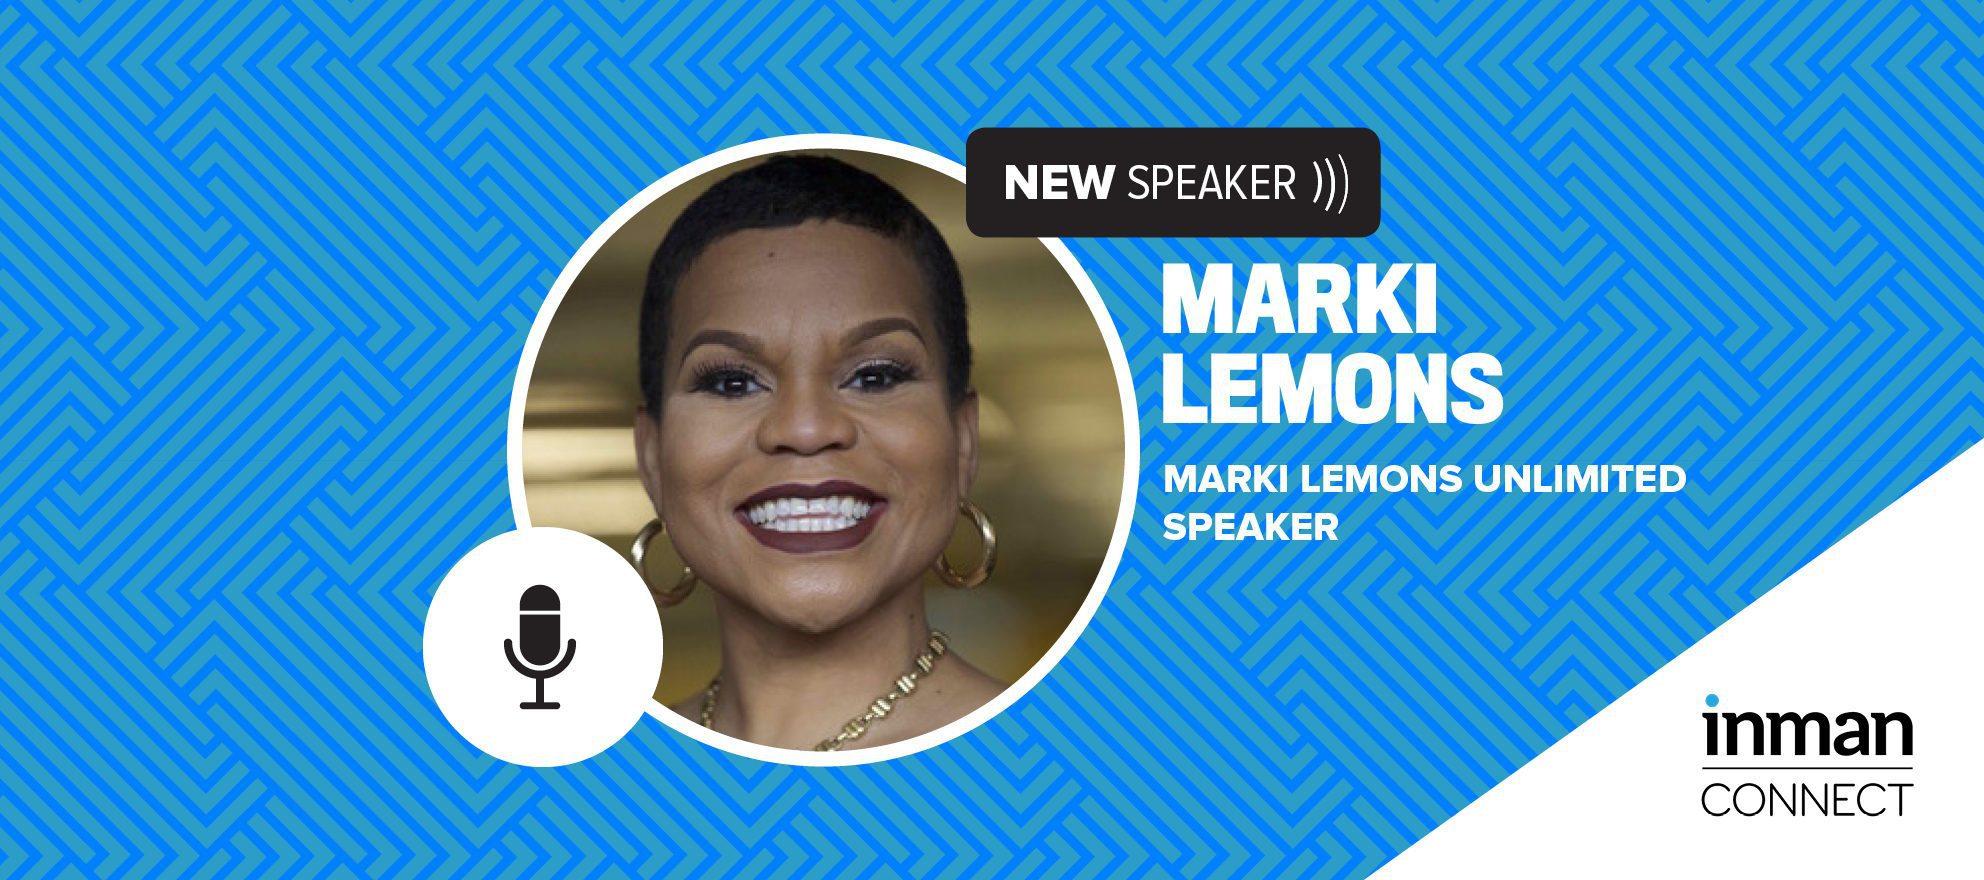 marki lemons icny